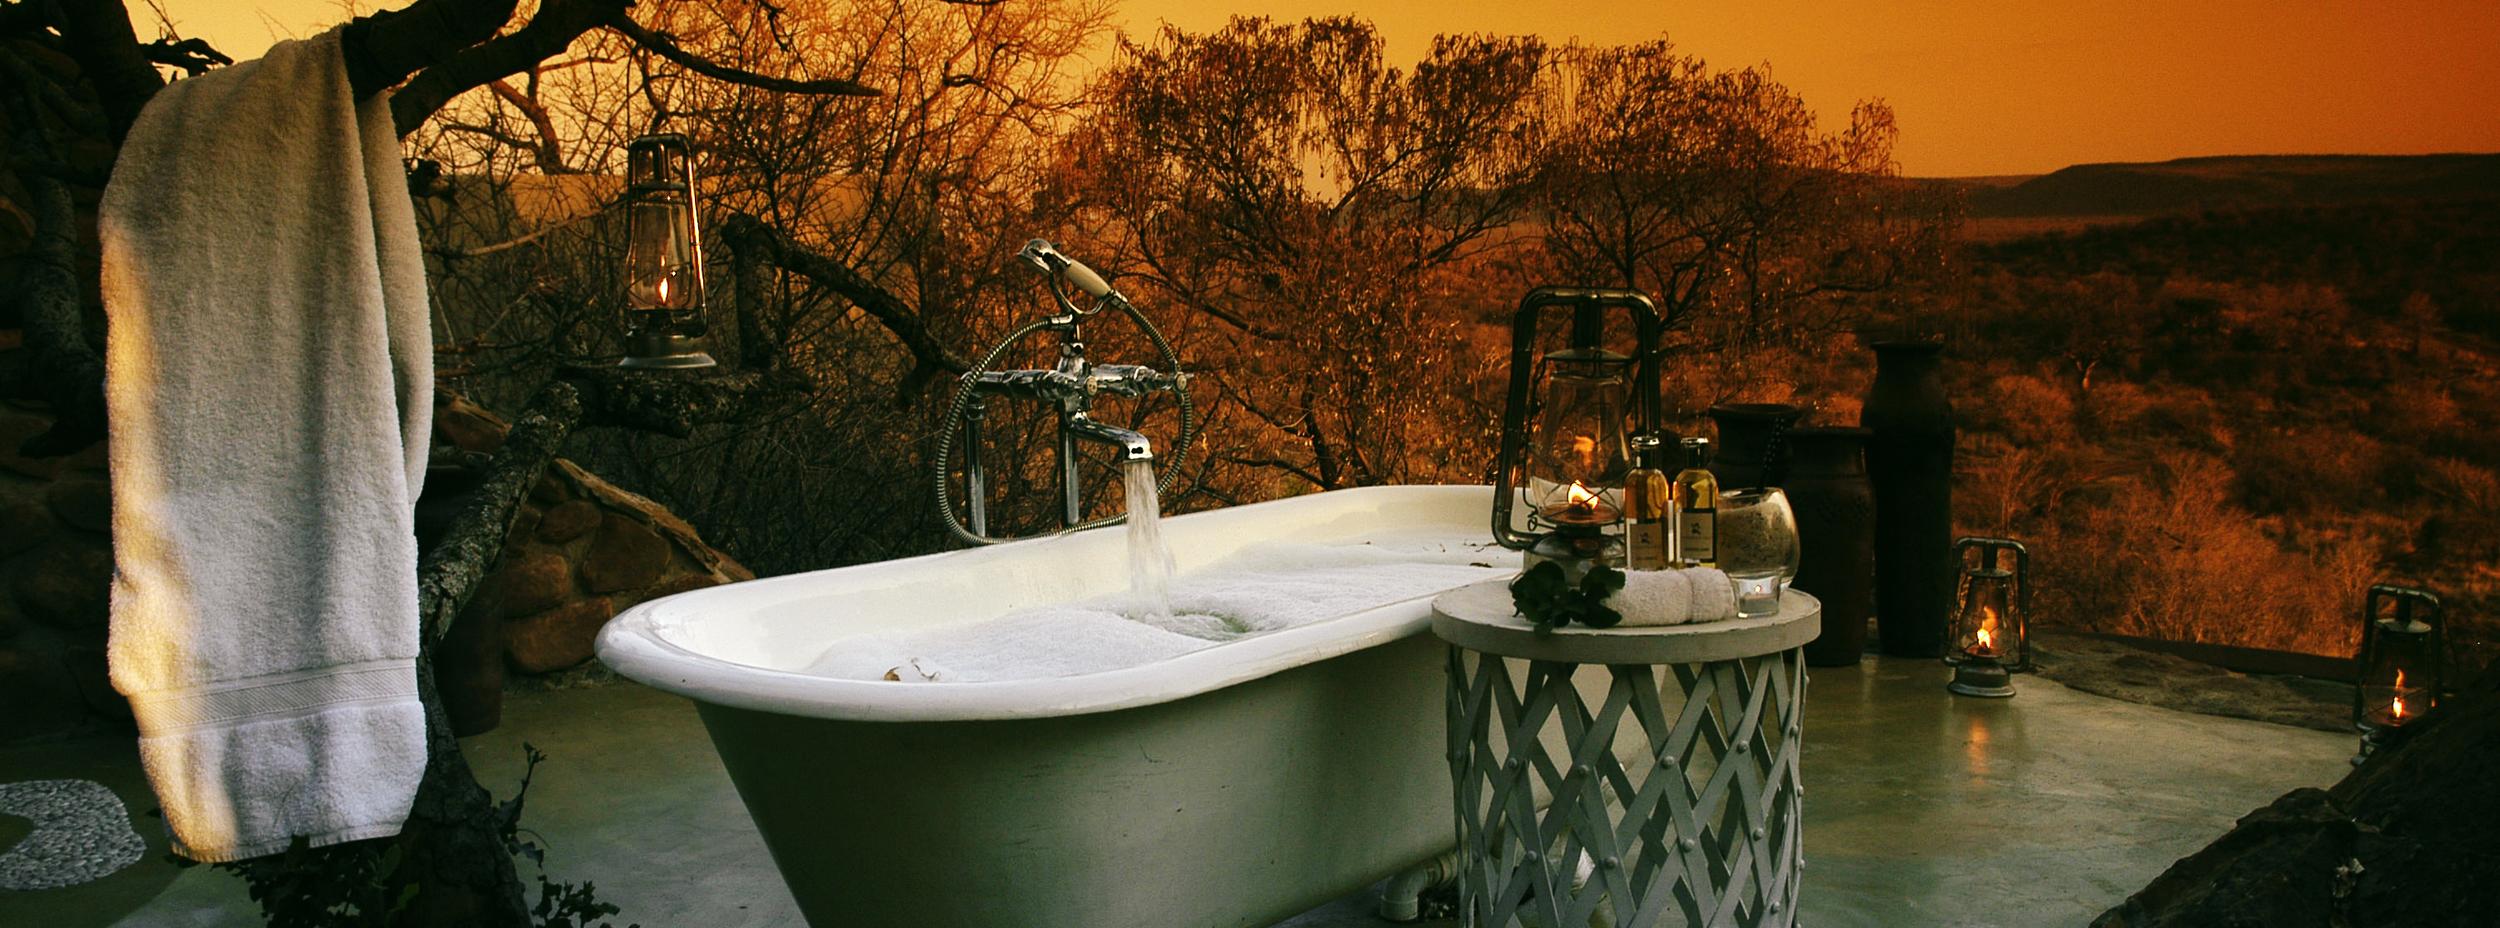 Africa do sul hotéis e roteiros de viagem